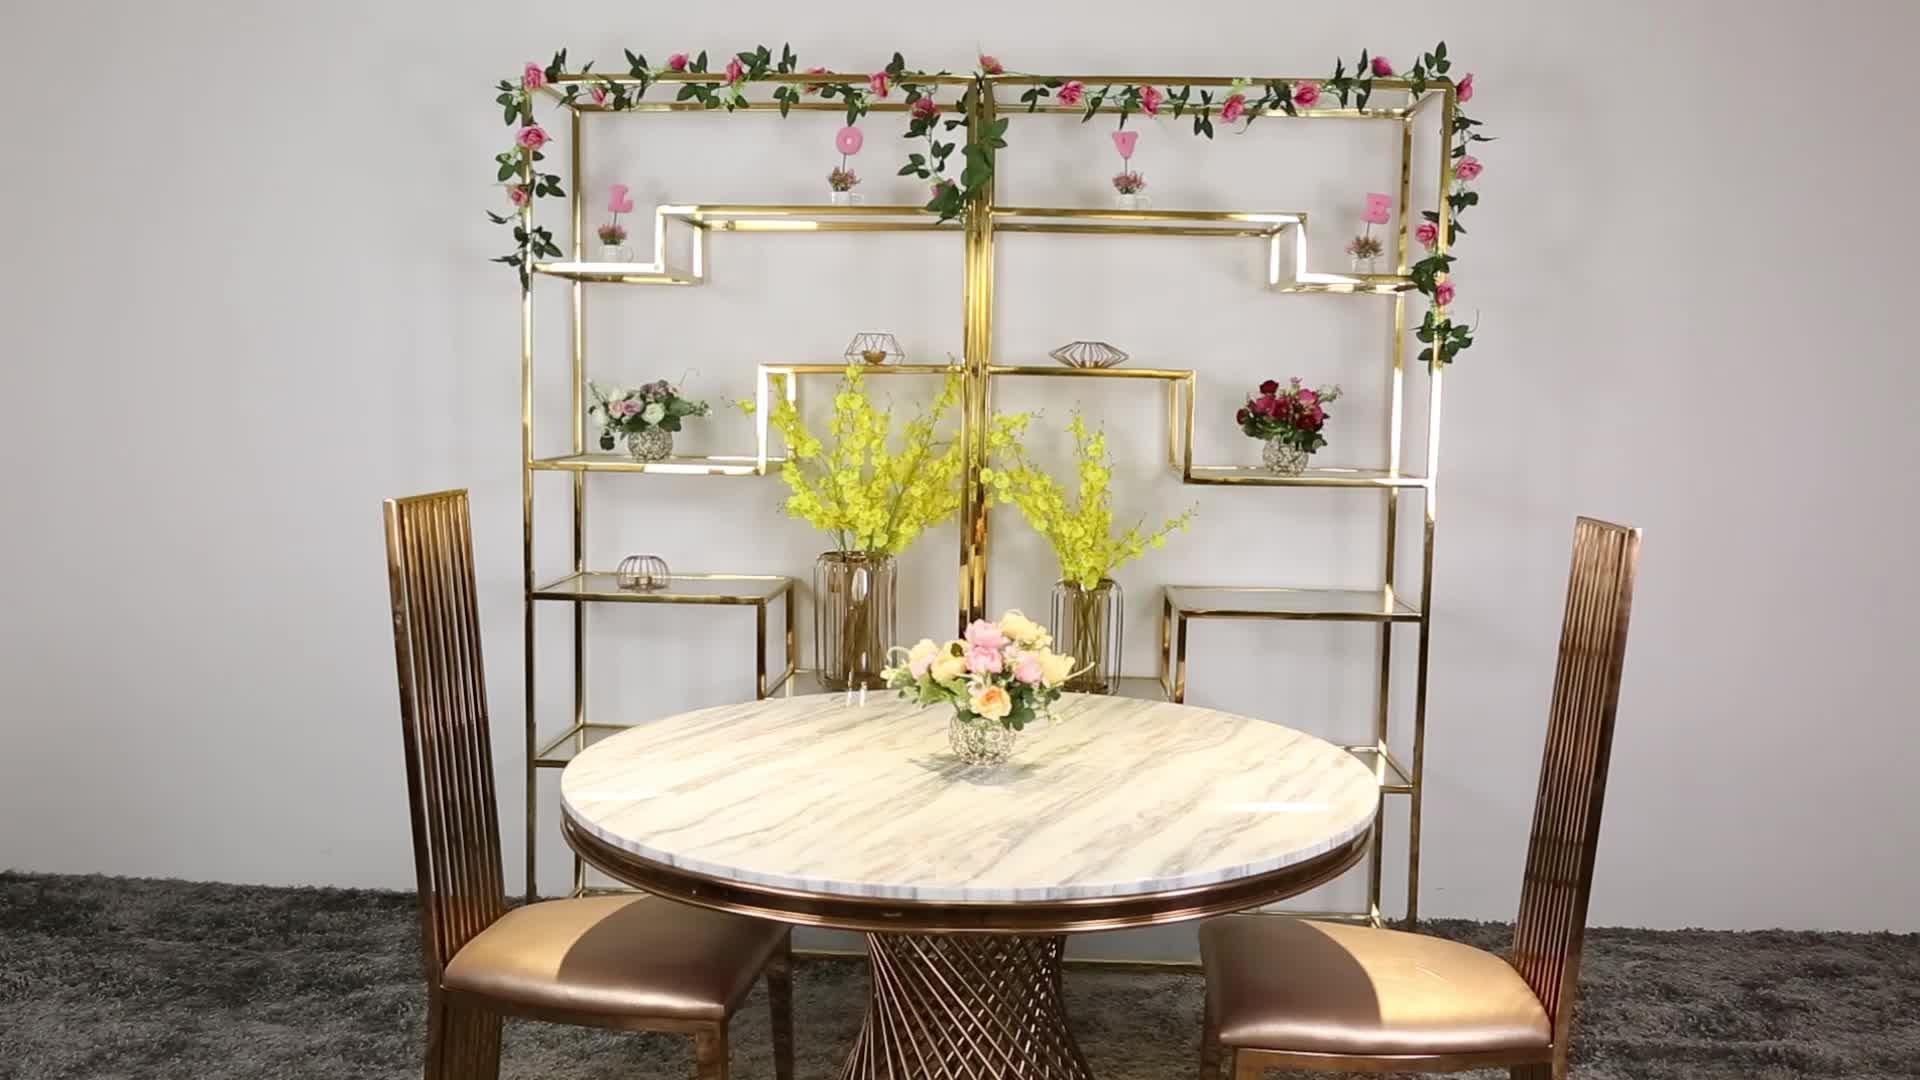 लक्जरी कमरे में रहने वाले सोने स्टेनलेस स्टील बिक्री के लिए आधुनिक डिजाइन चमड़े के सोफे SF004